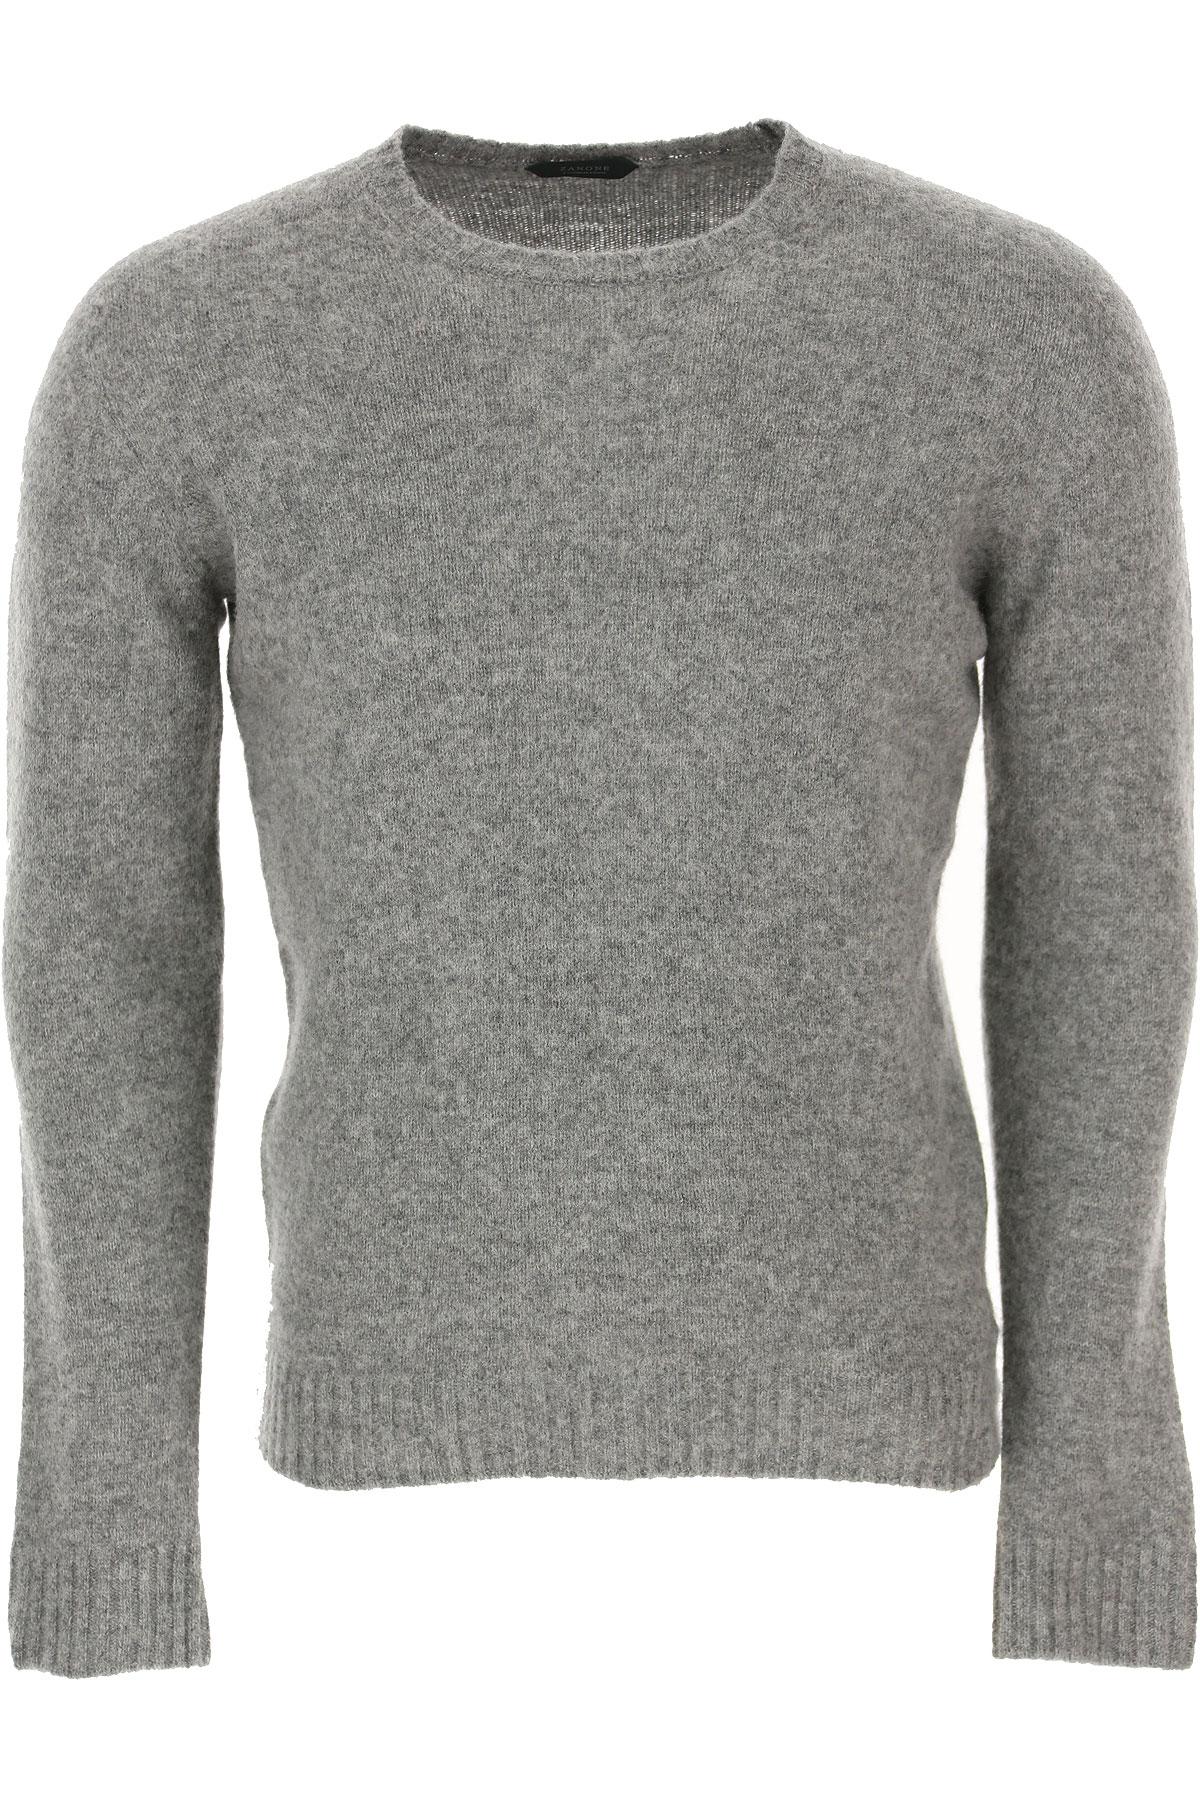 Zanone Sweater for Men Jumper On Sale, Grey Light, Virgin wool, 2019, L M XL XXL